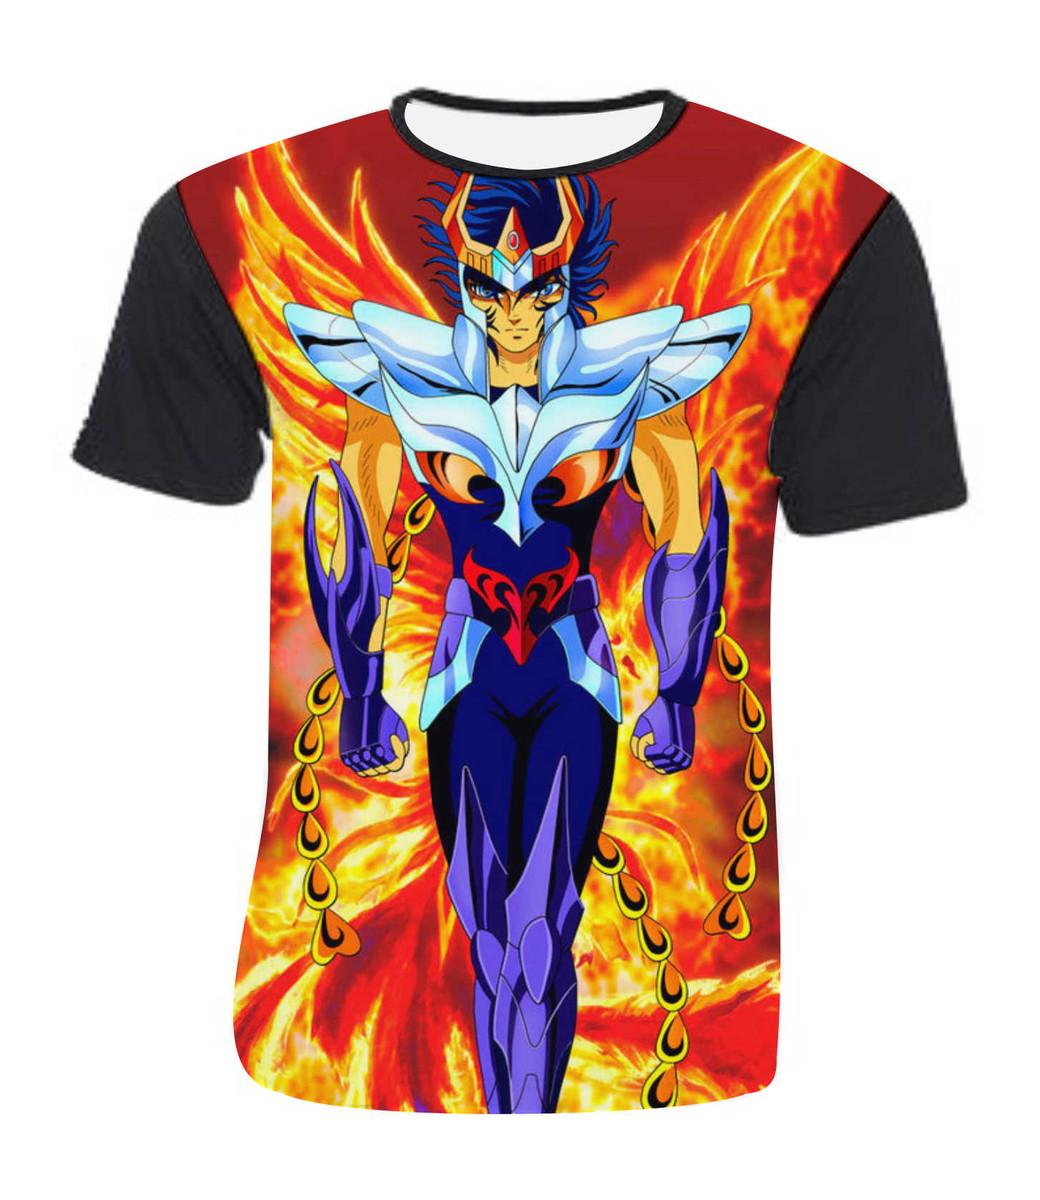 443dc429e Camiseta Cavaleiros do Zodiaco Mod 02 no Elo7